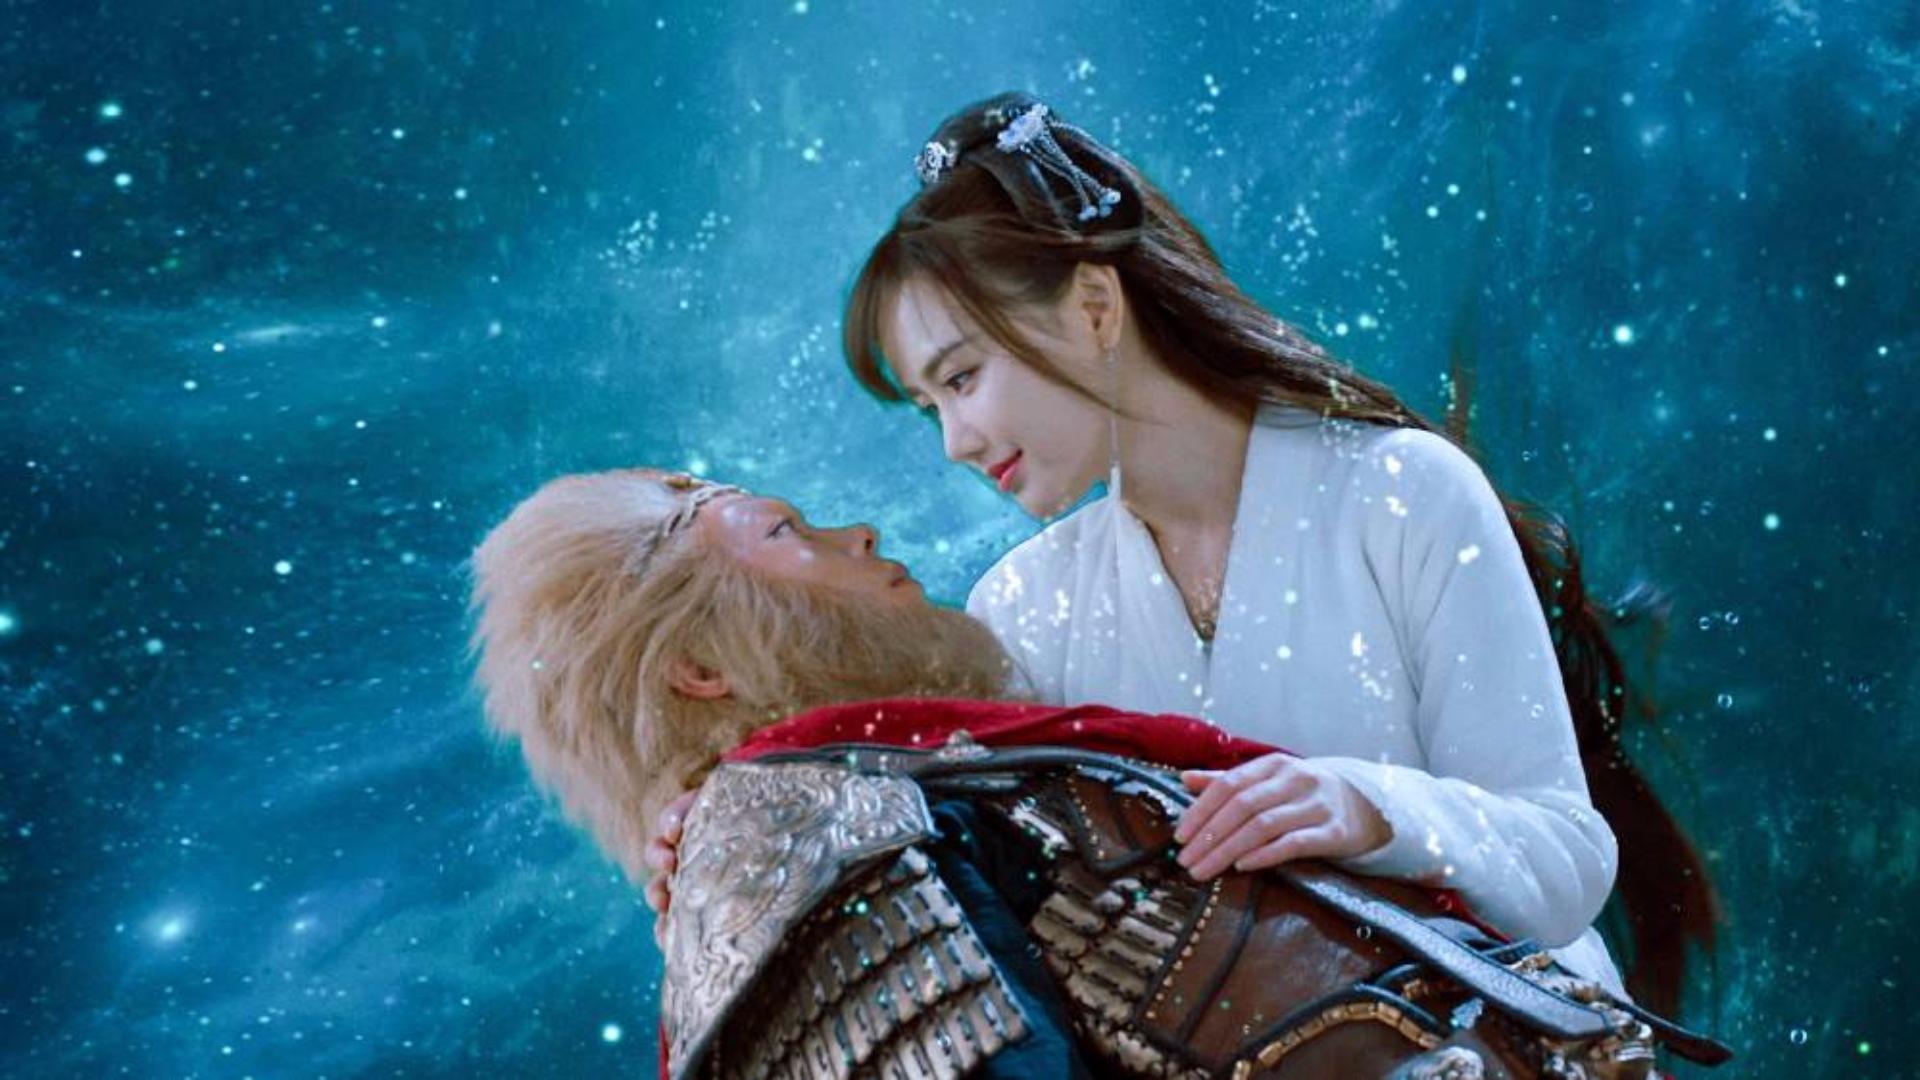 林禹任韵淇演唱电影《大神猴3情劫篇》主题曲《只愿》上线